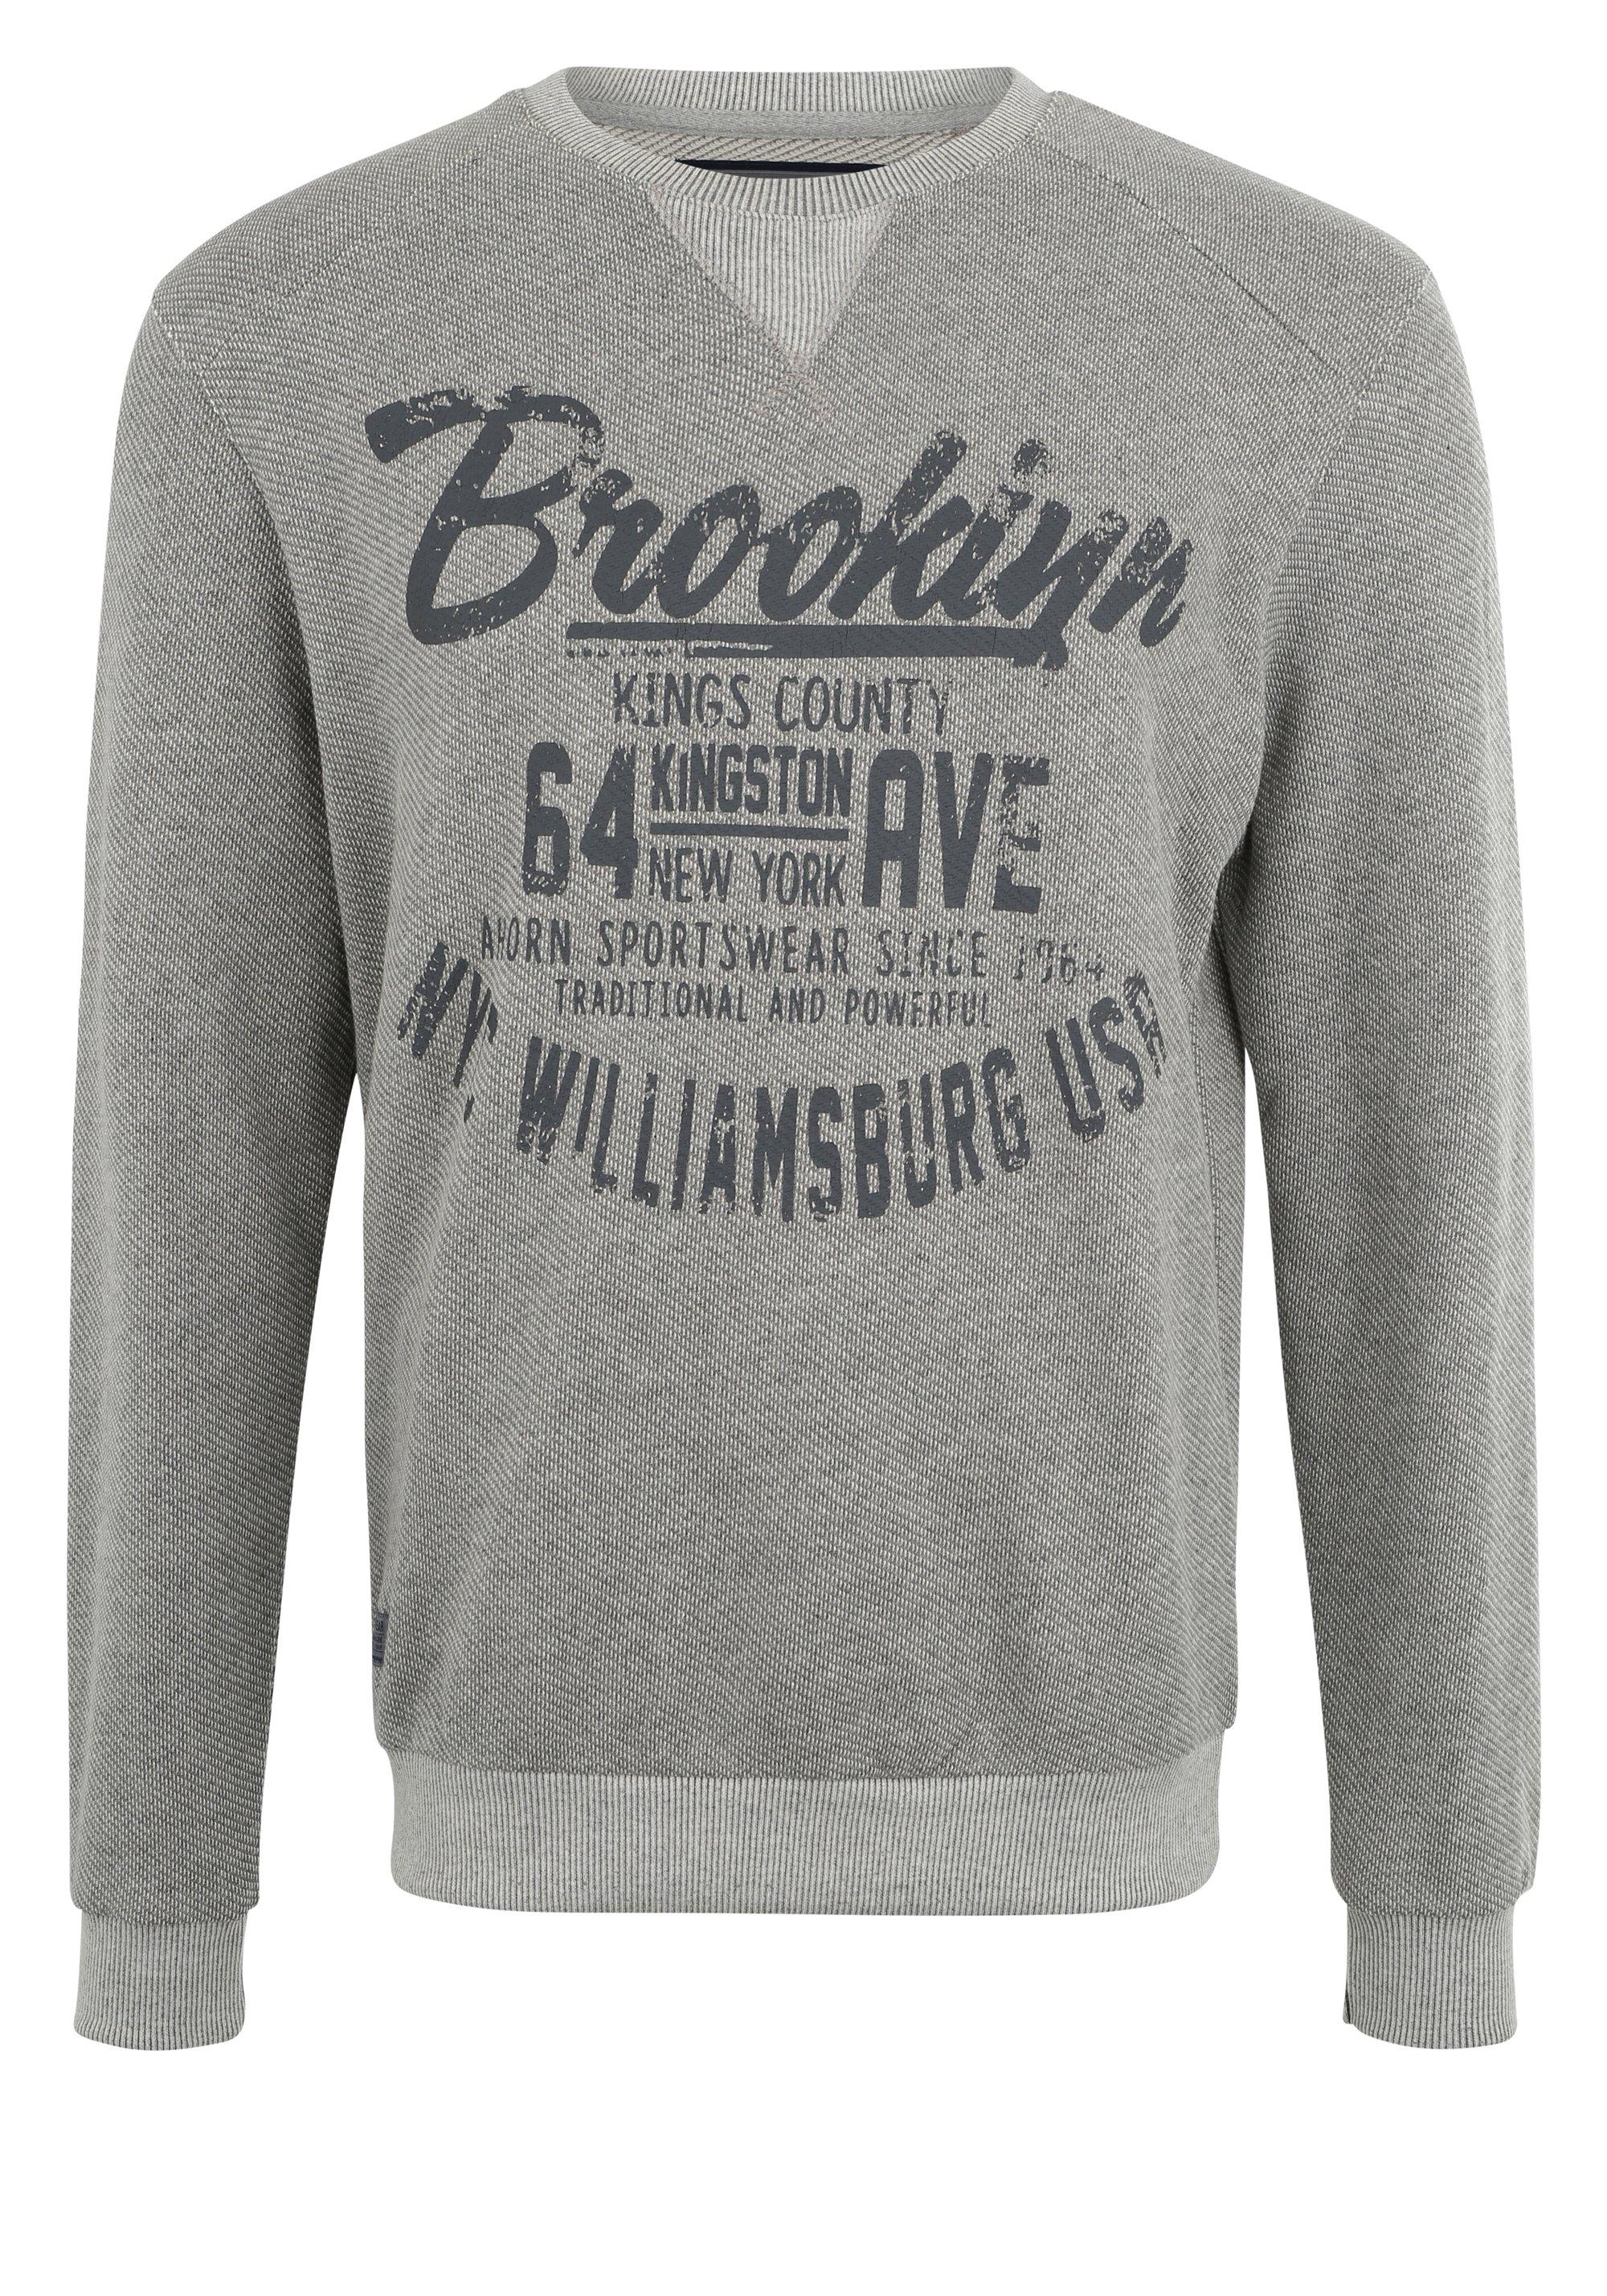 Ahorn Sportswear Sweatshirt voordelig en veilig online kopen